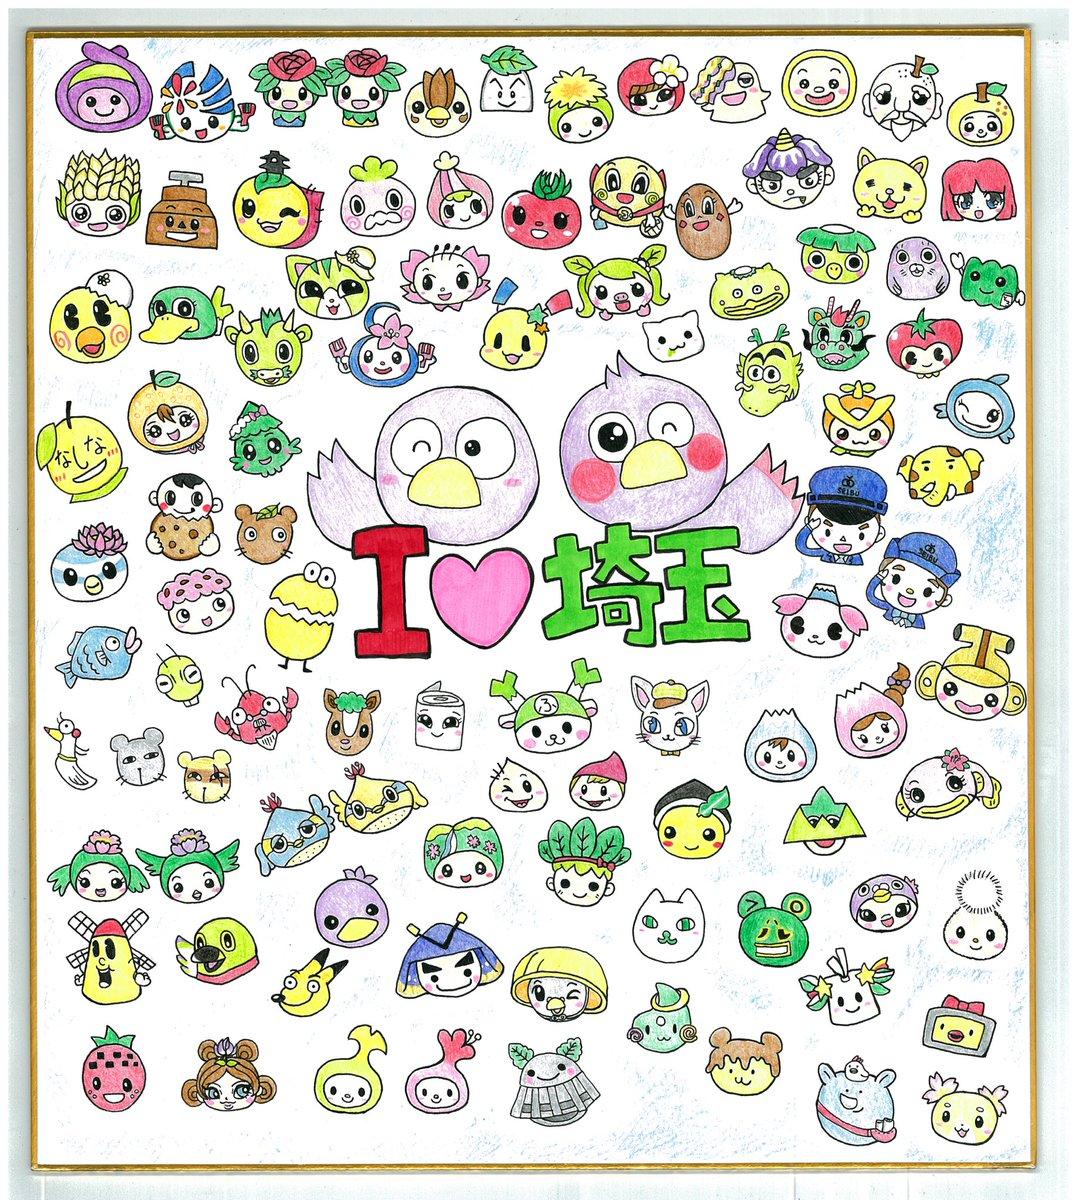 あおつる 埼玉県のキャラクター描きました 数えたら99体でした イラスト 埼玉県 翔んで埼玉 ゆる玉応援団 拡散希望 ご当地キャラ ゆるキャラ